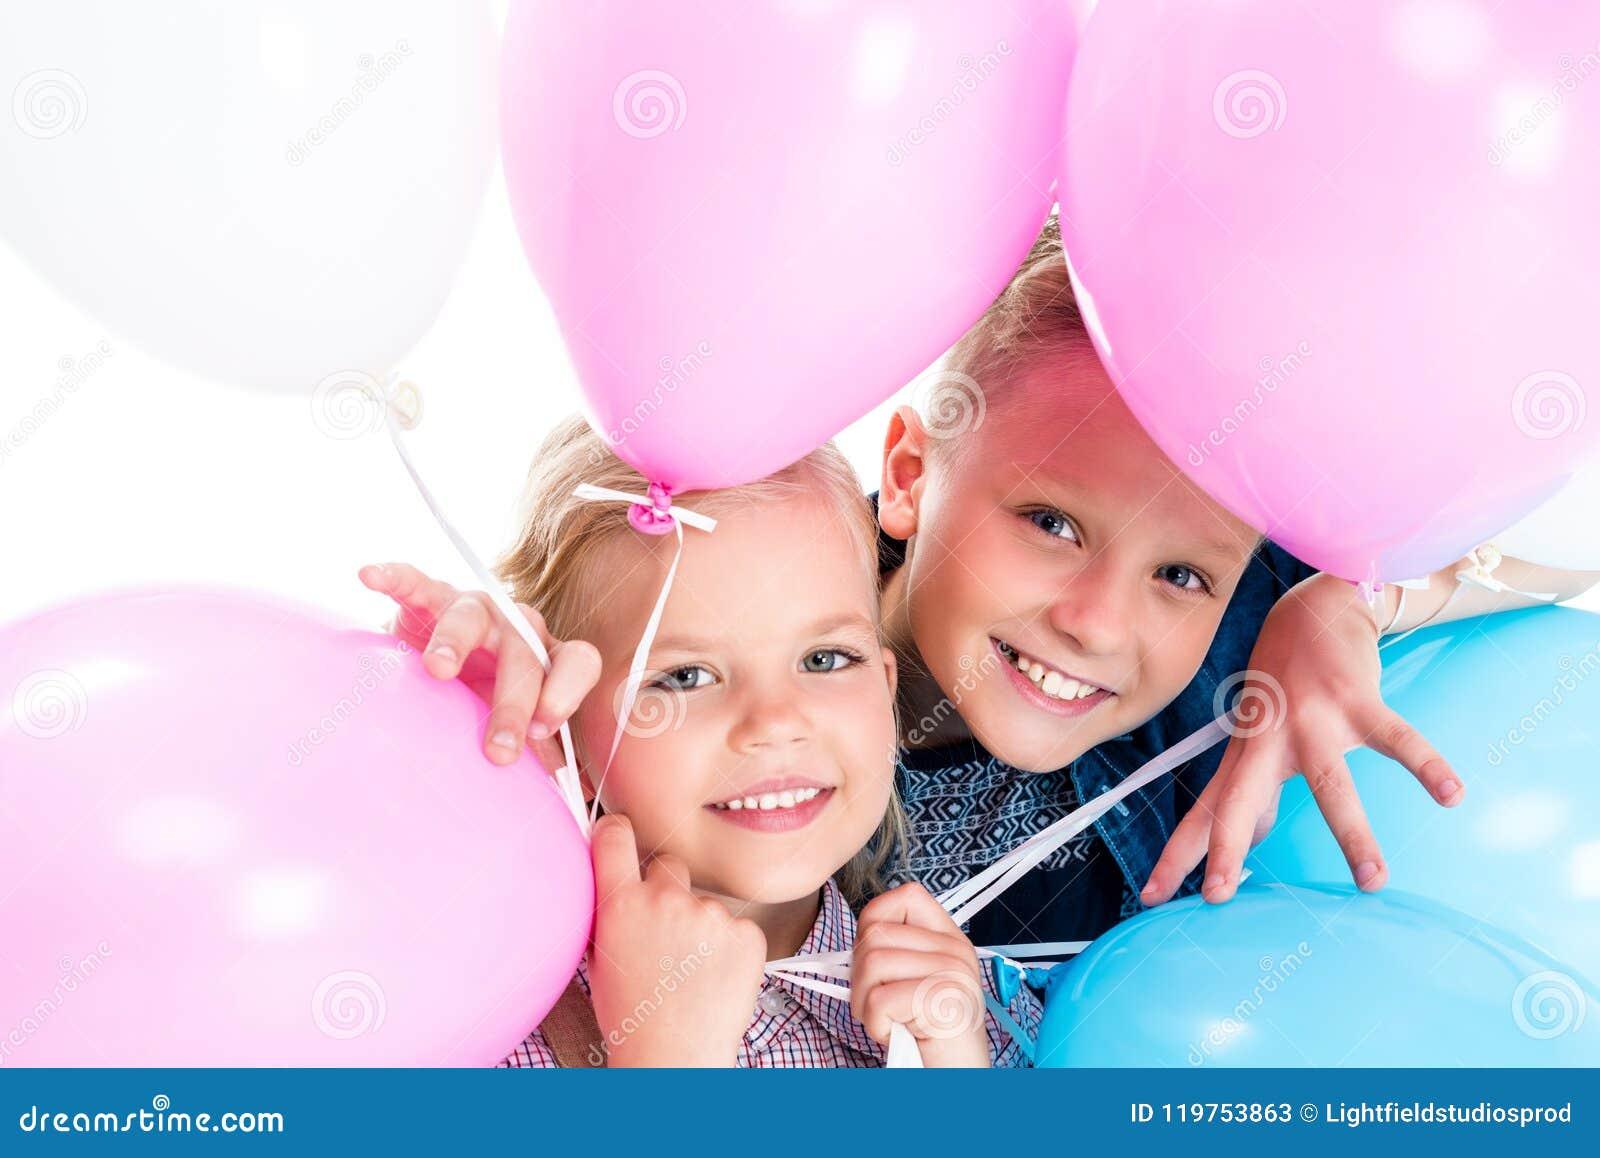 λατρευτοί ευτυχείς αμφιθαλείς που κρατούν τα μπαλόνια και που χαμογελούν στη κάμερα